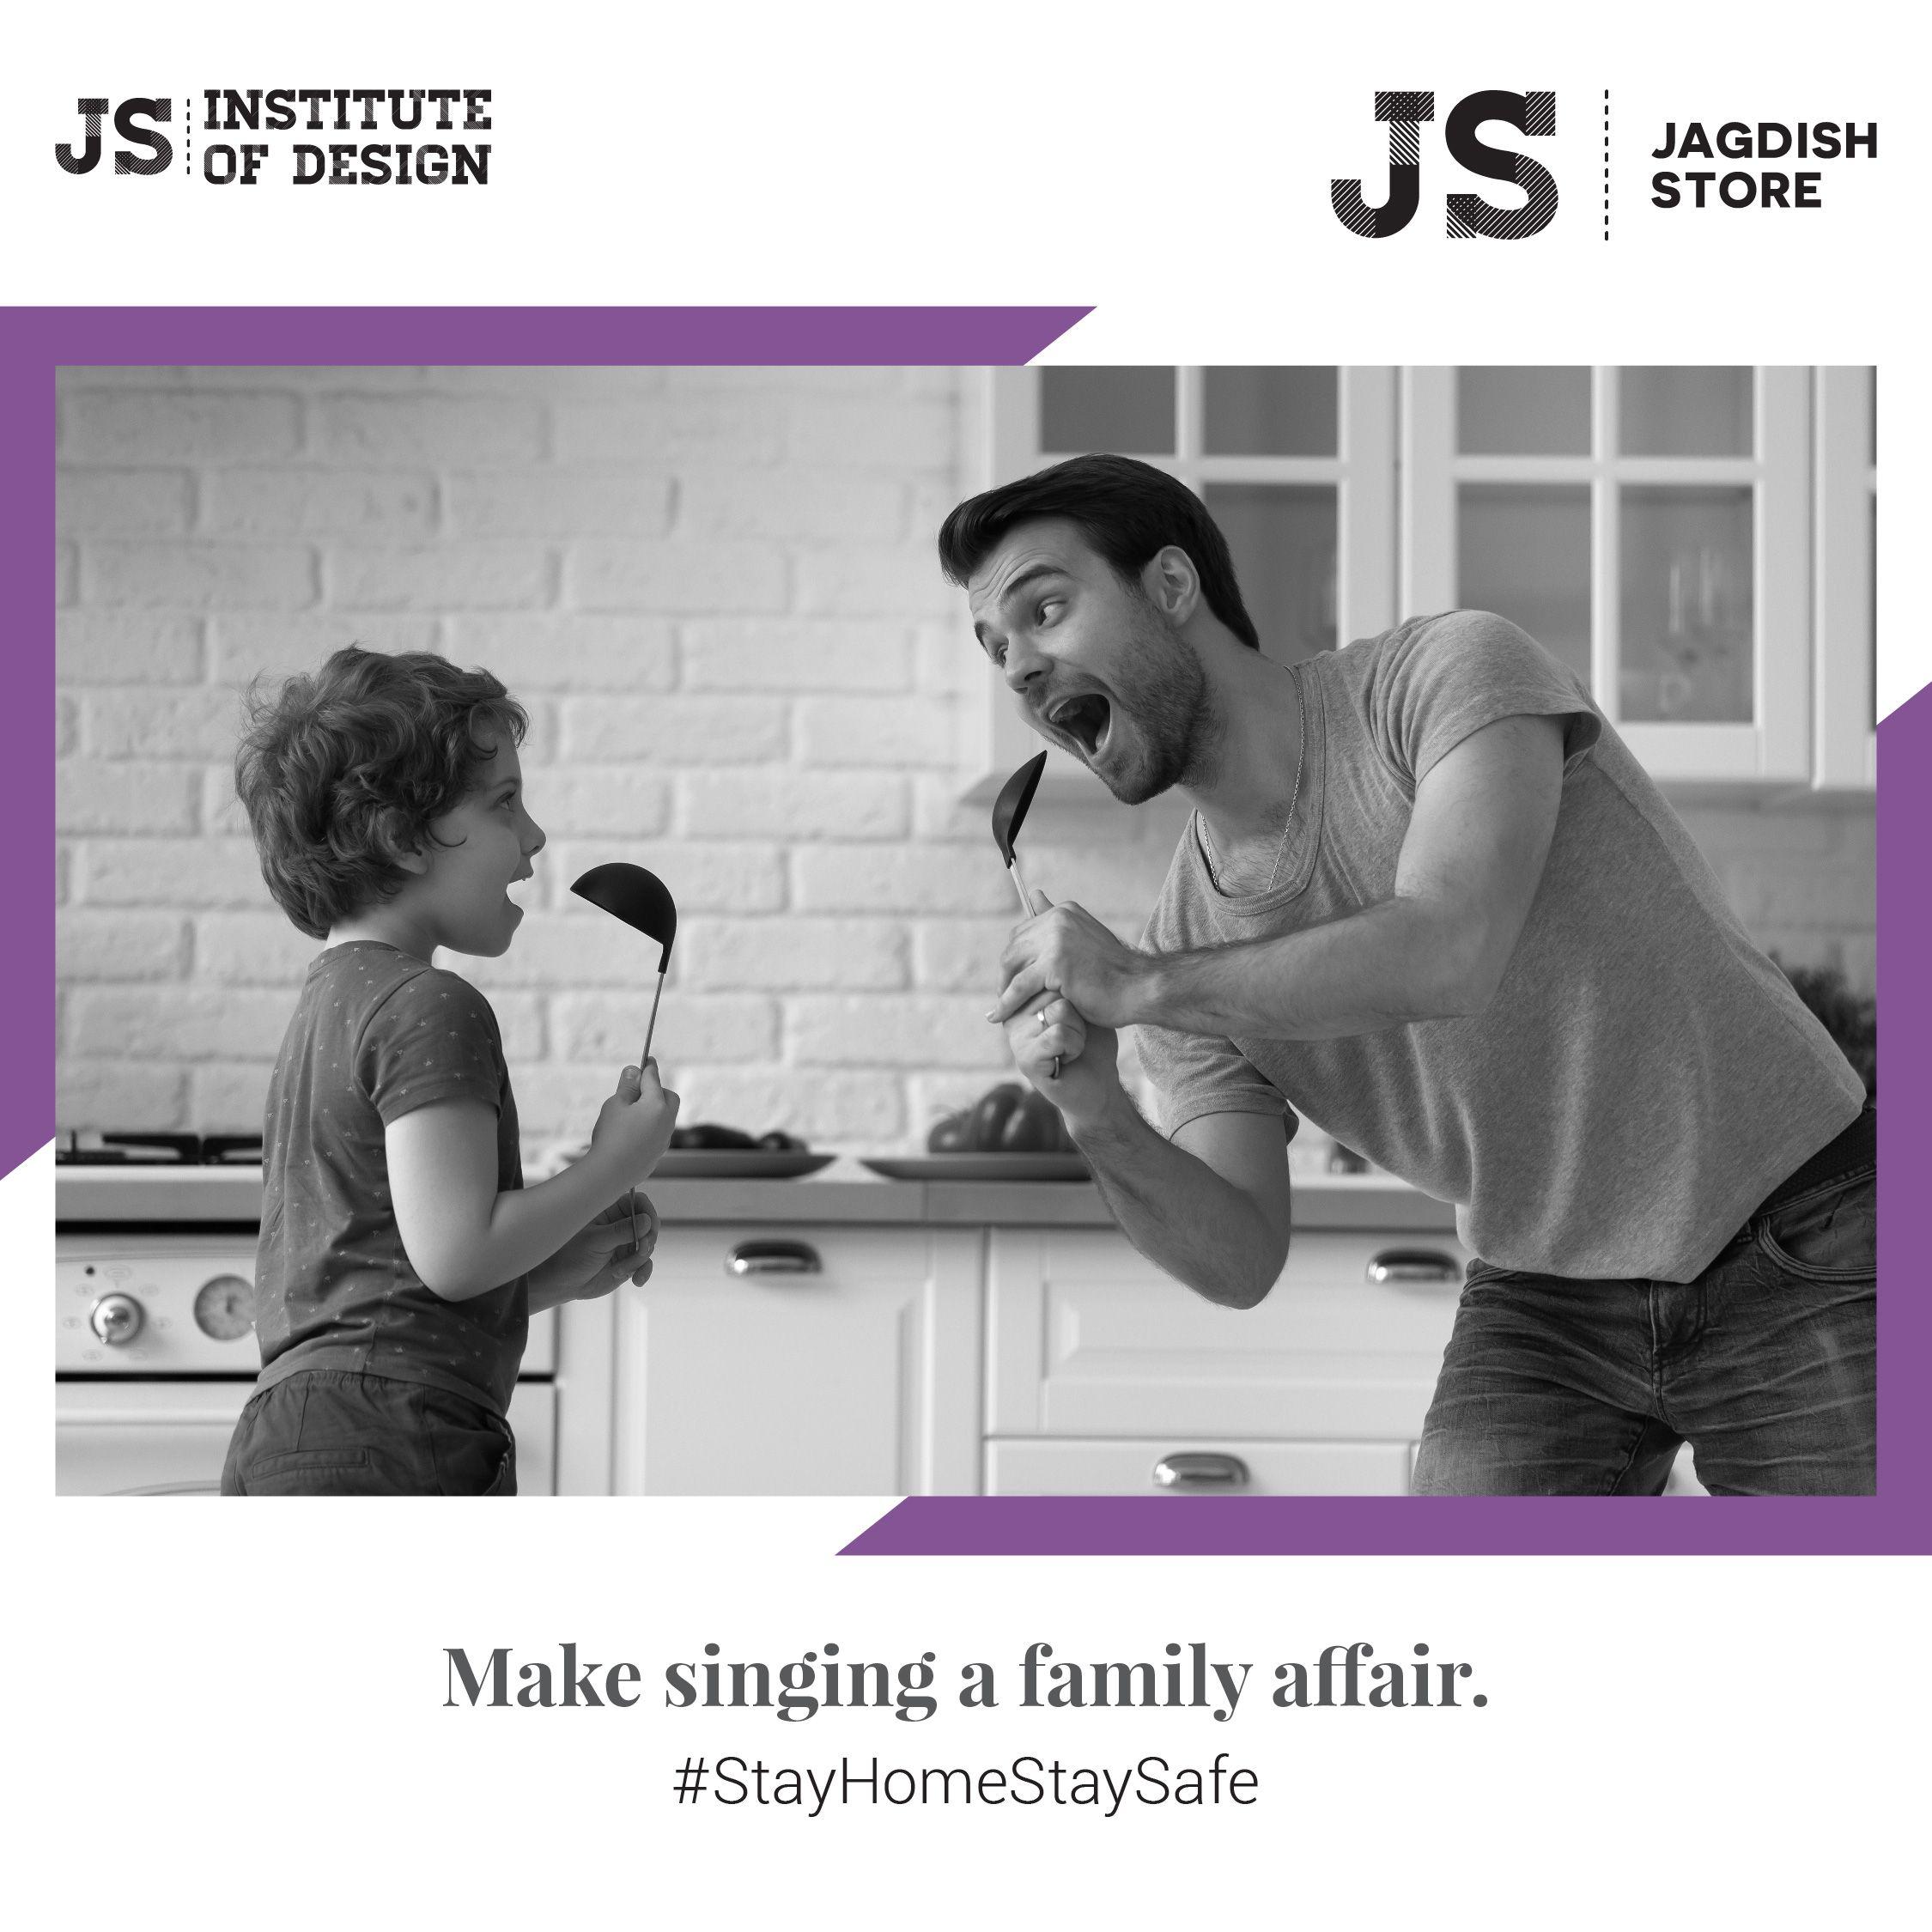 Stay Home. Stay Safe. #StayHomeStaySafe #HomeLove #JagdishStore